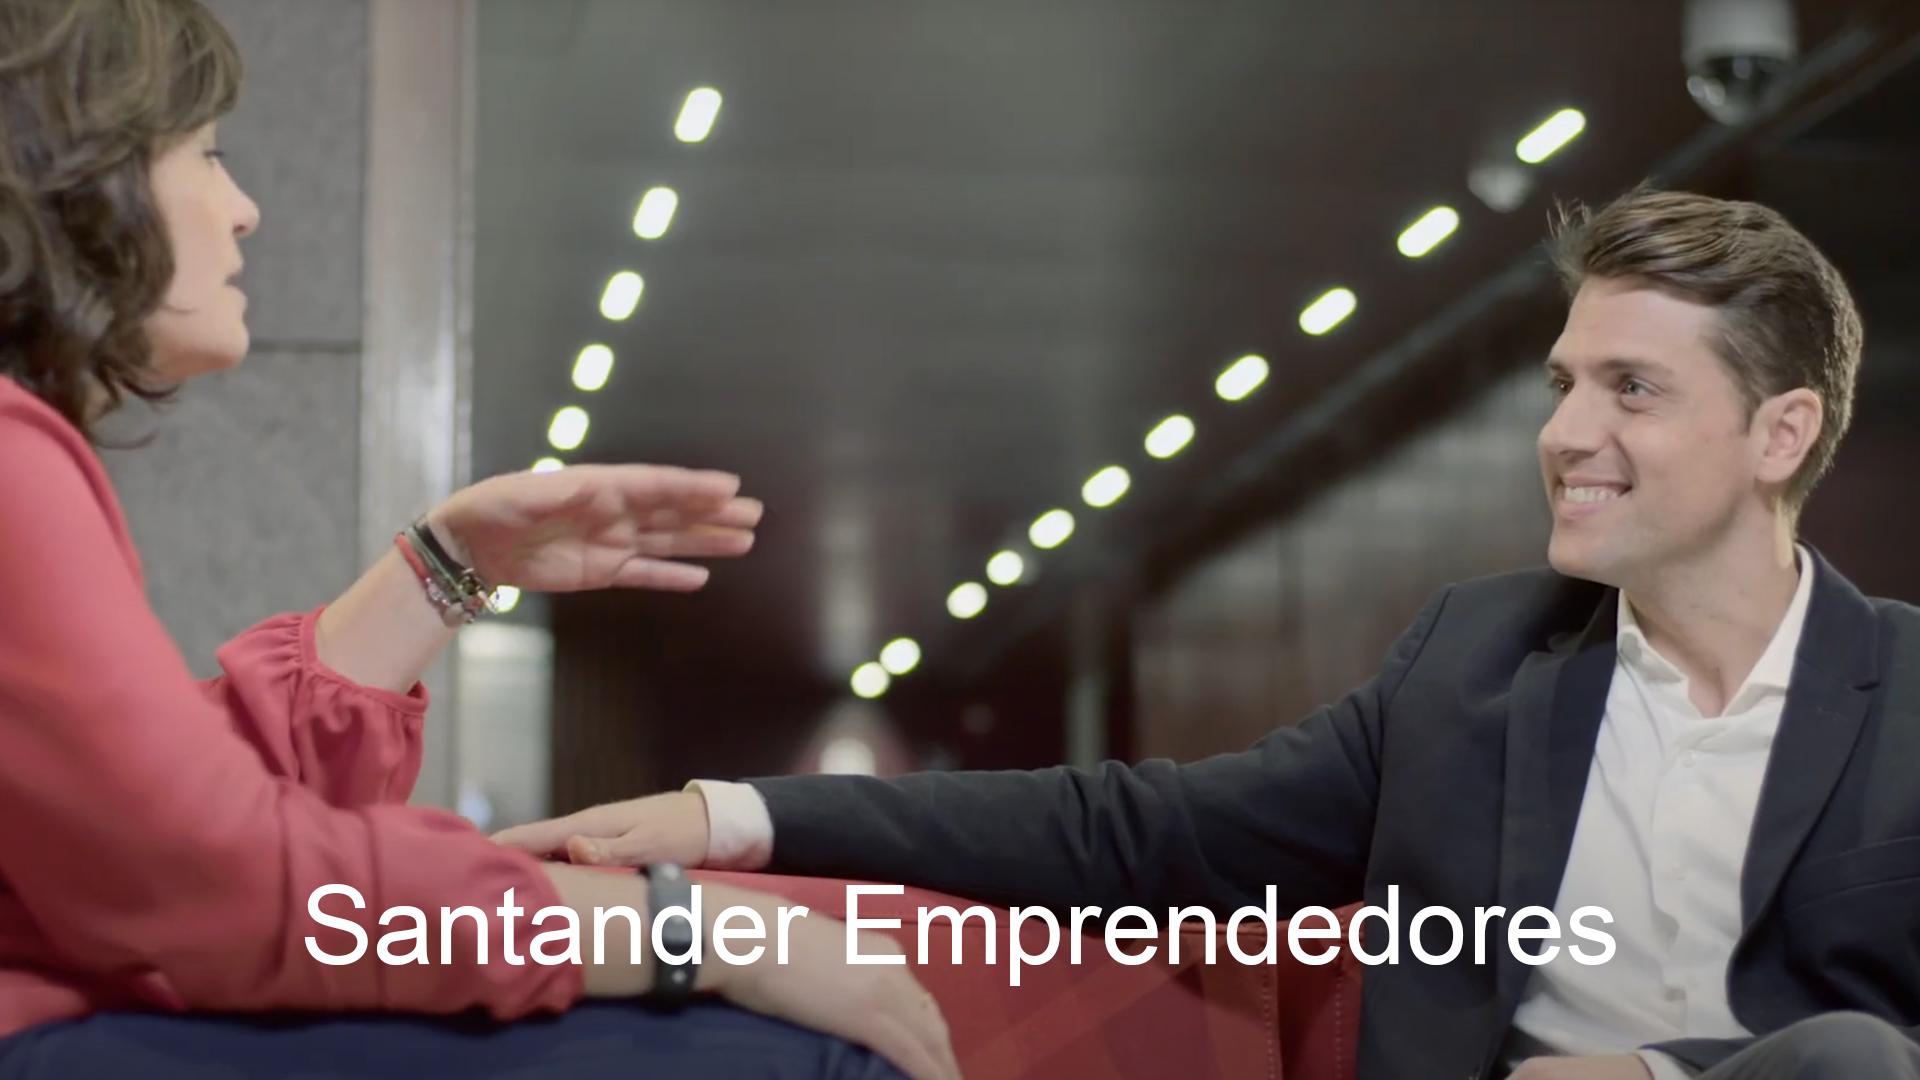 Spot Santander Emprendedores